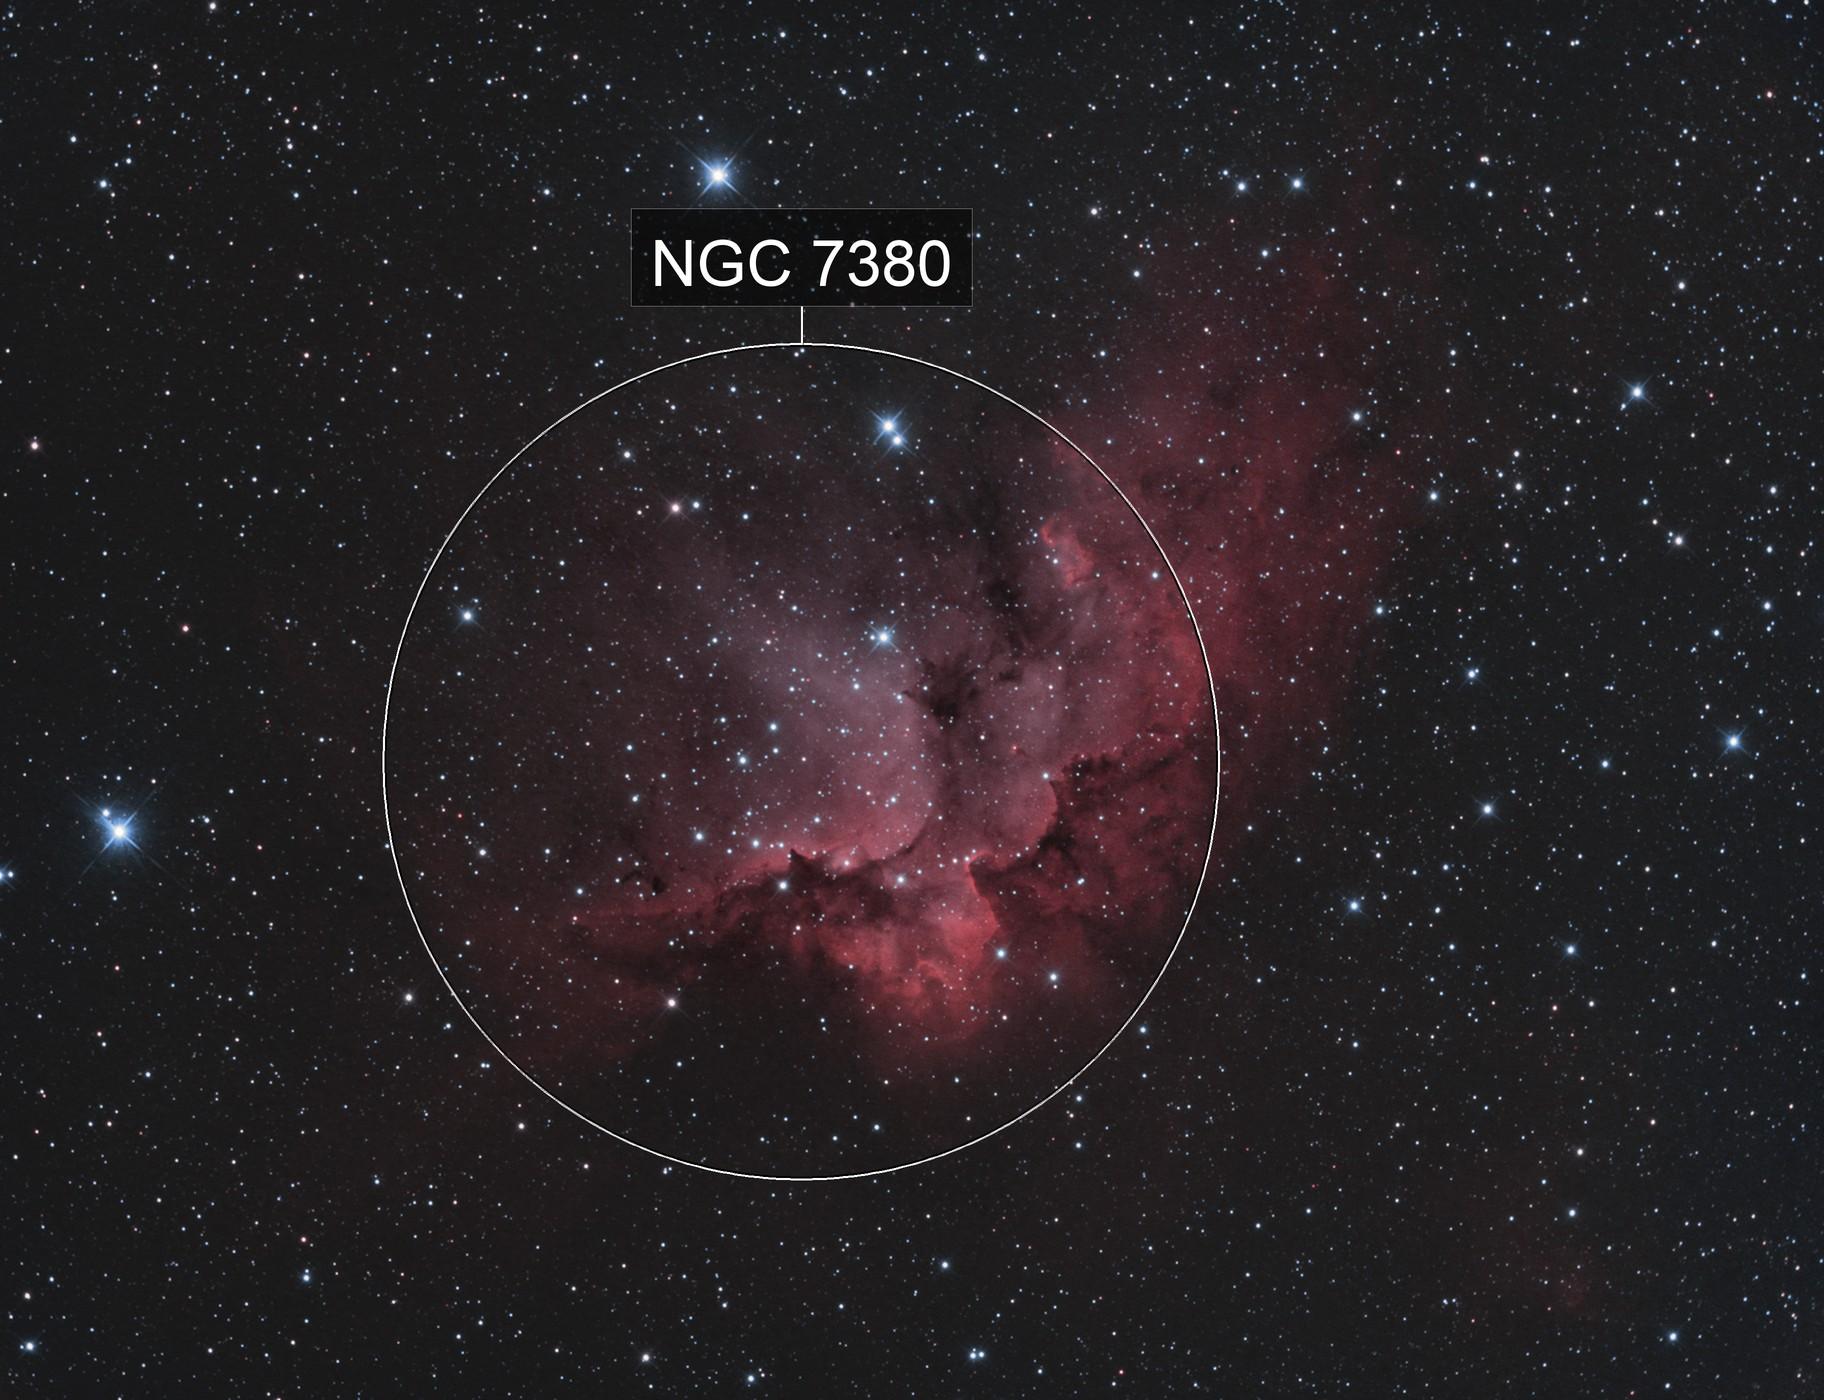 NGC 7380